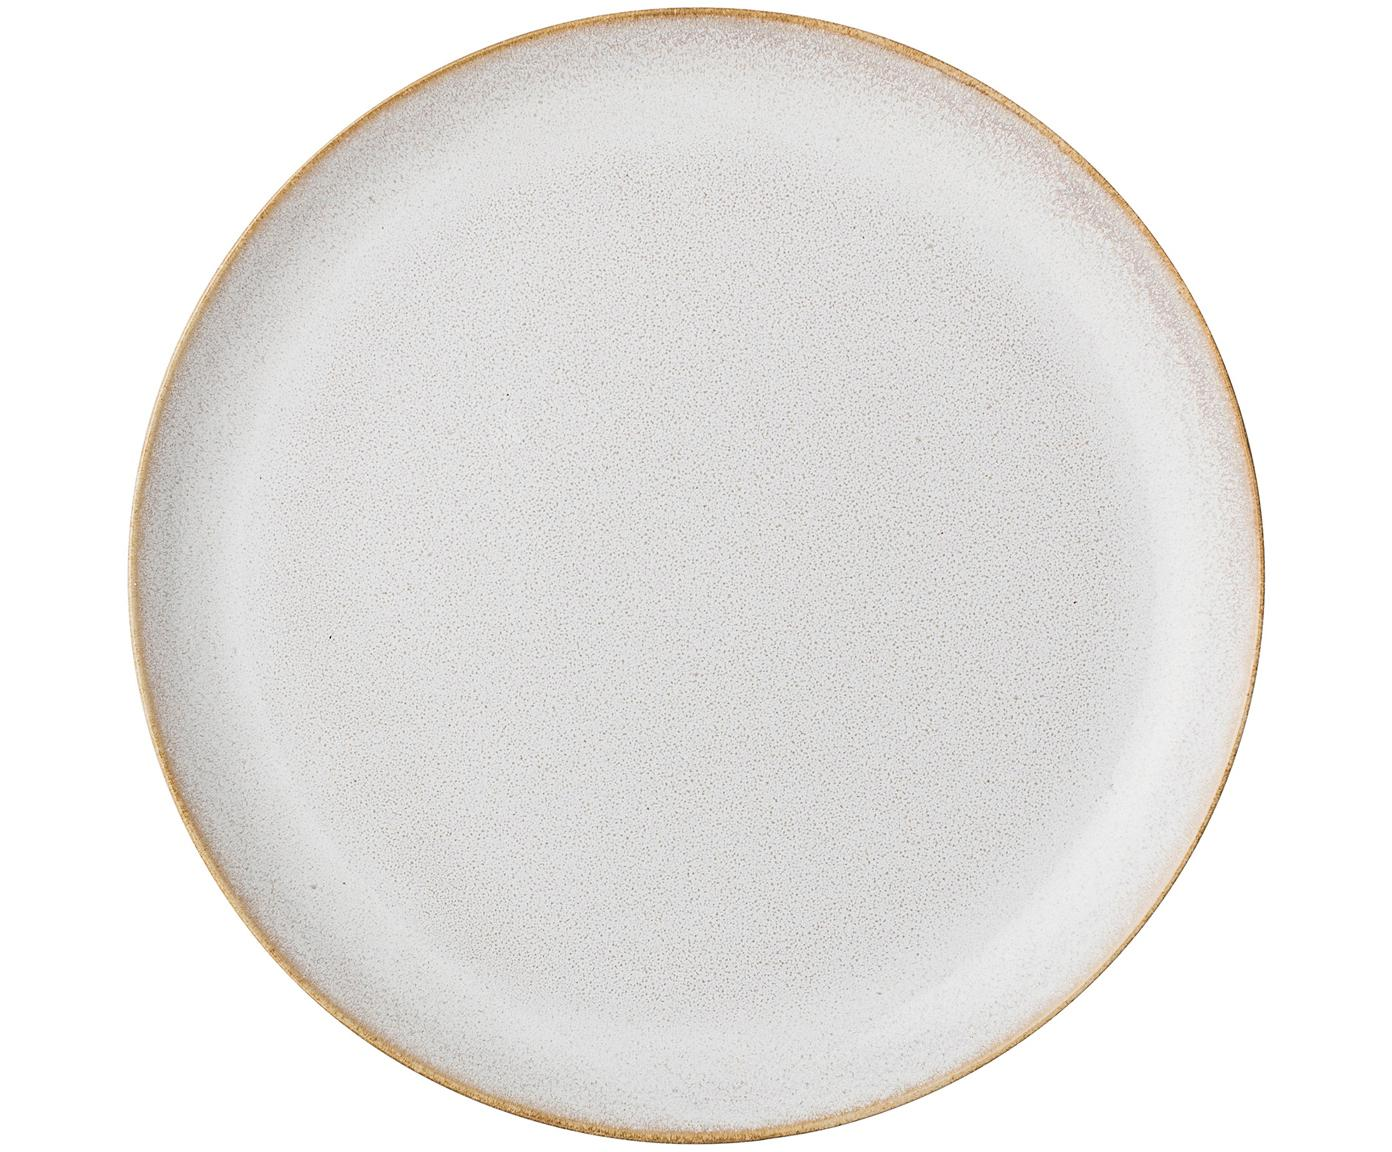 Handgemachte Speiseteller Carrie, 4 Stück, Steingut, Gebrochenes Weiß, Braun, Ø 25 cm